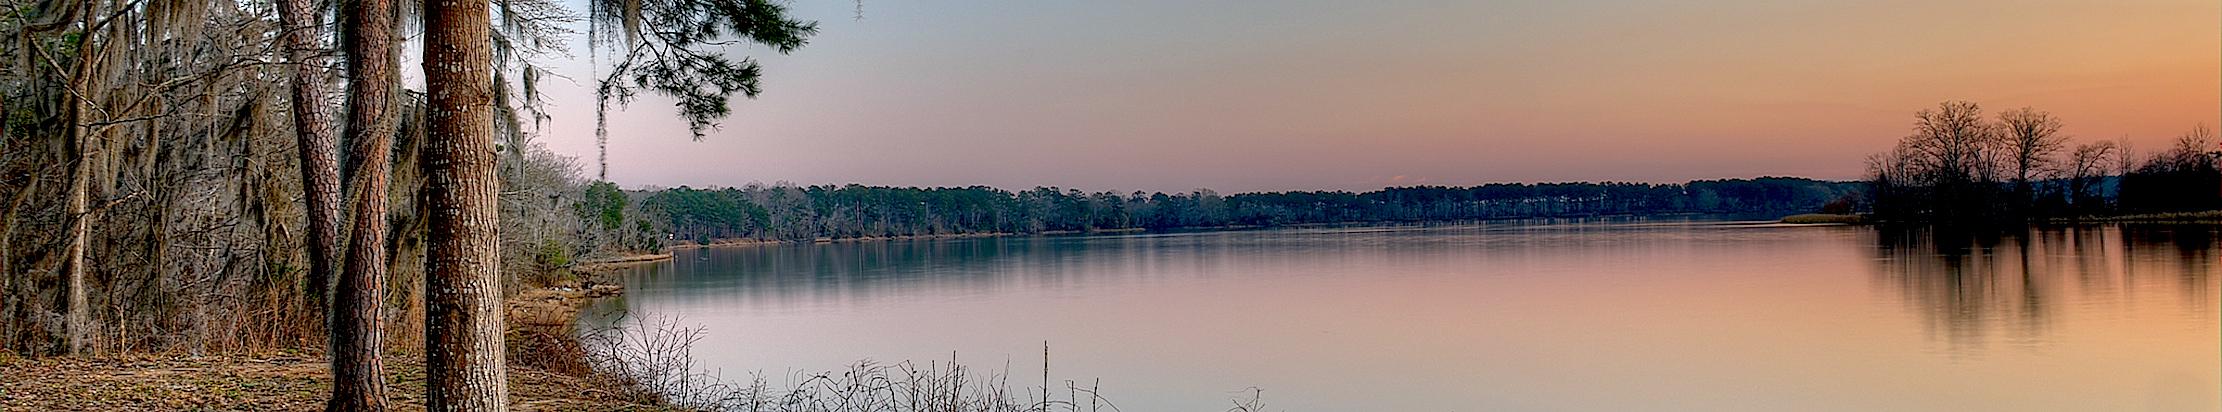 14 февраля (27 февраля) 2016. Озеро в штате Джорджия, США.